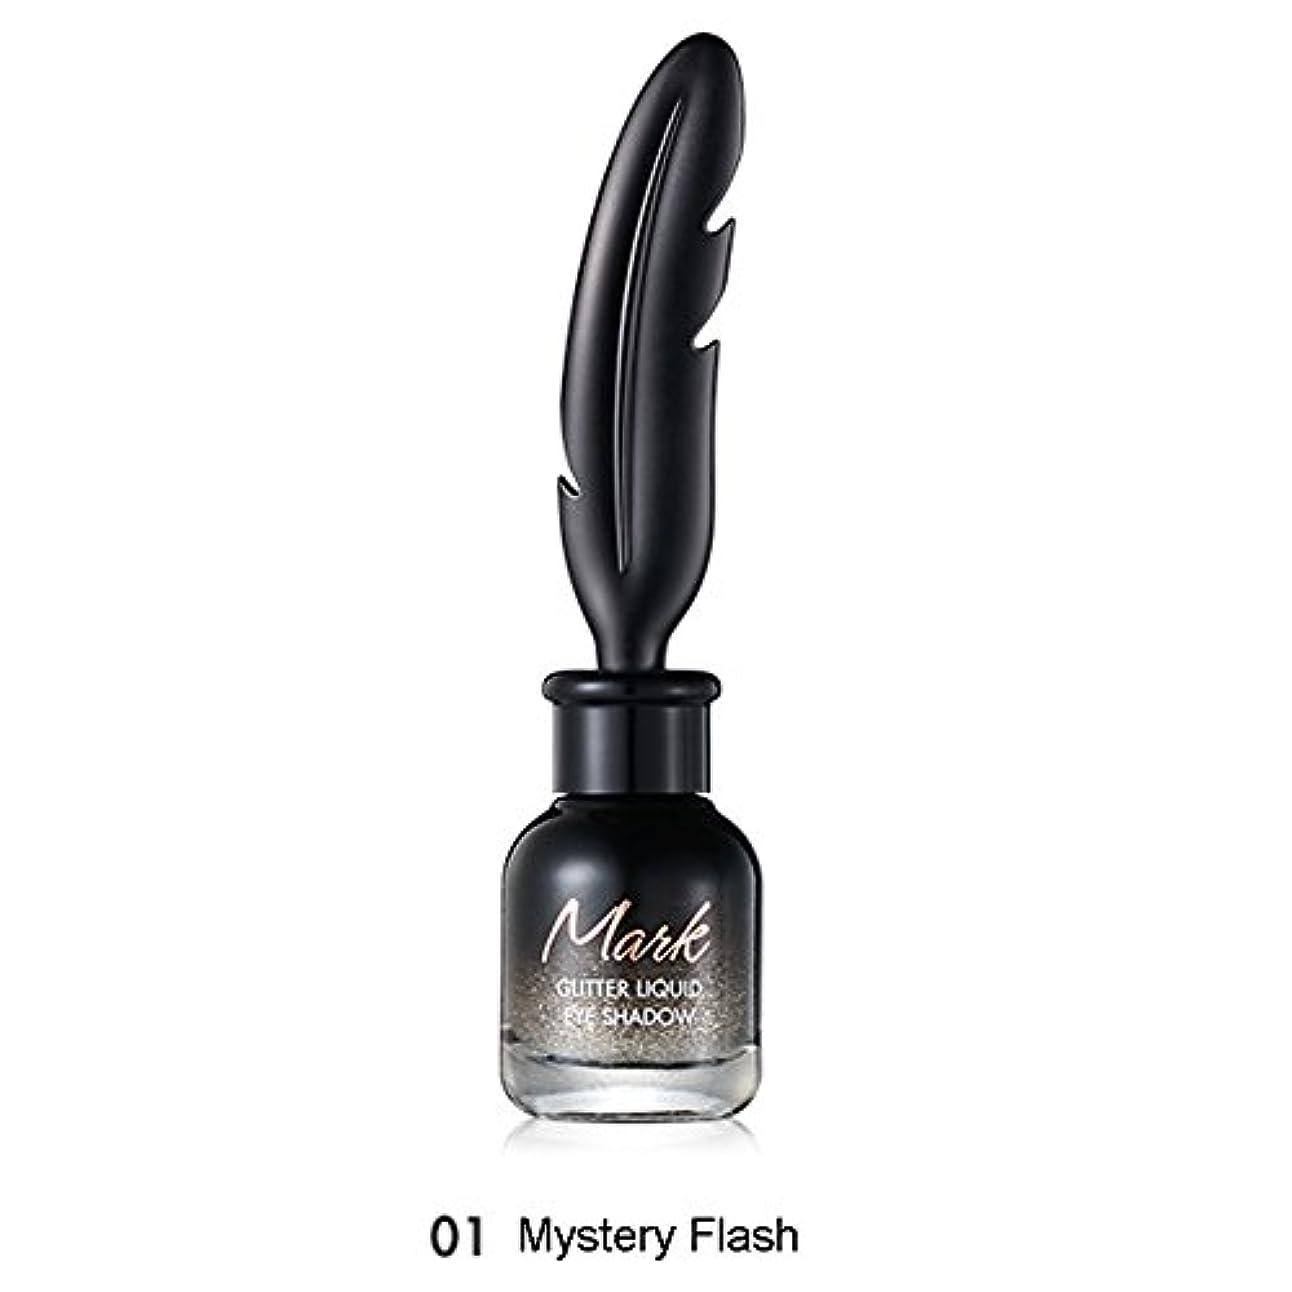 店員ブランチ自然公園トニモリー TONYMOLY Mark Glitter Liquid Eye Shadow #01 Mystery Flash